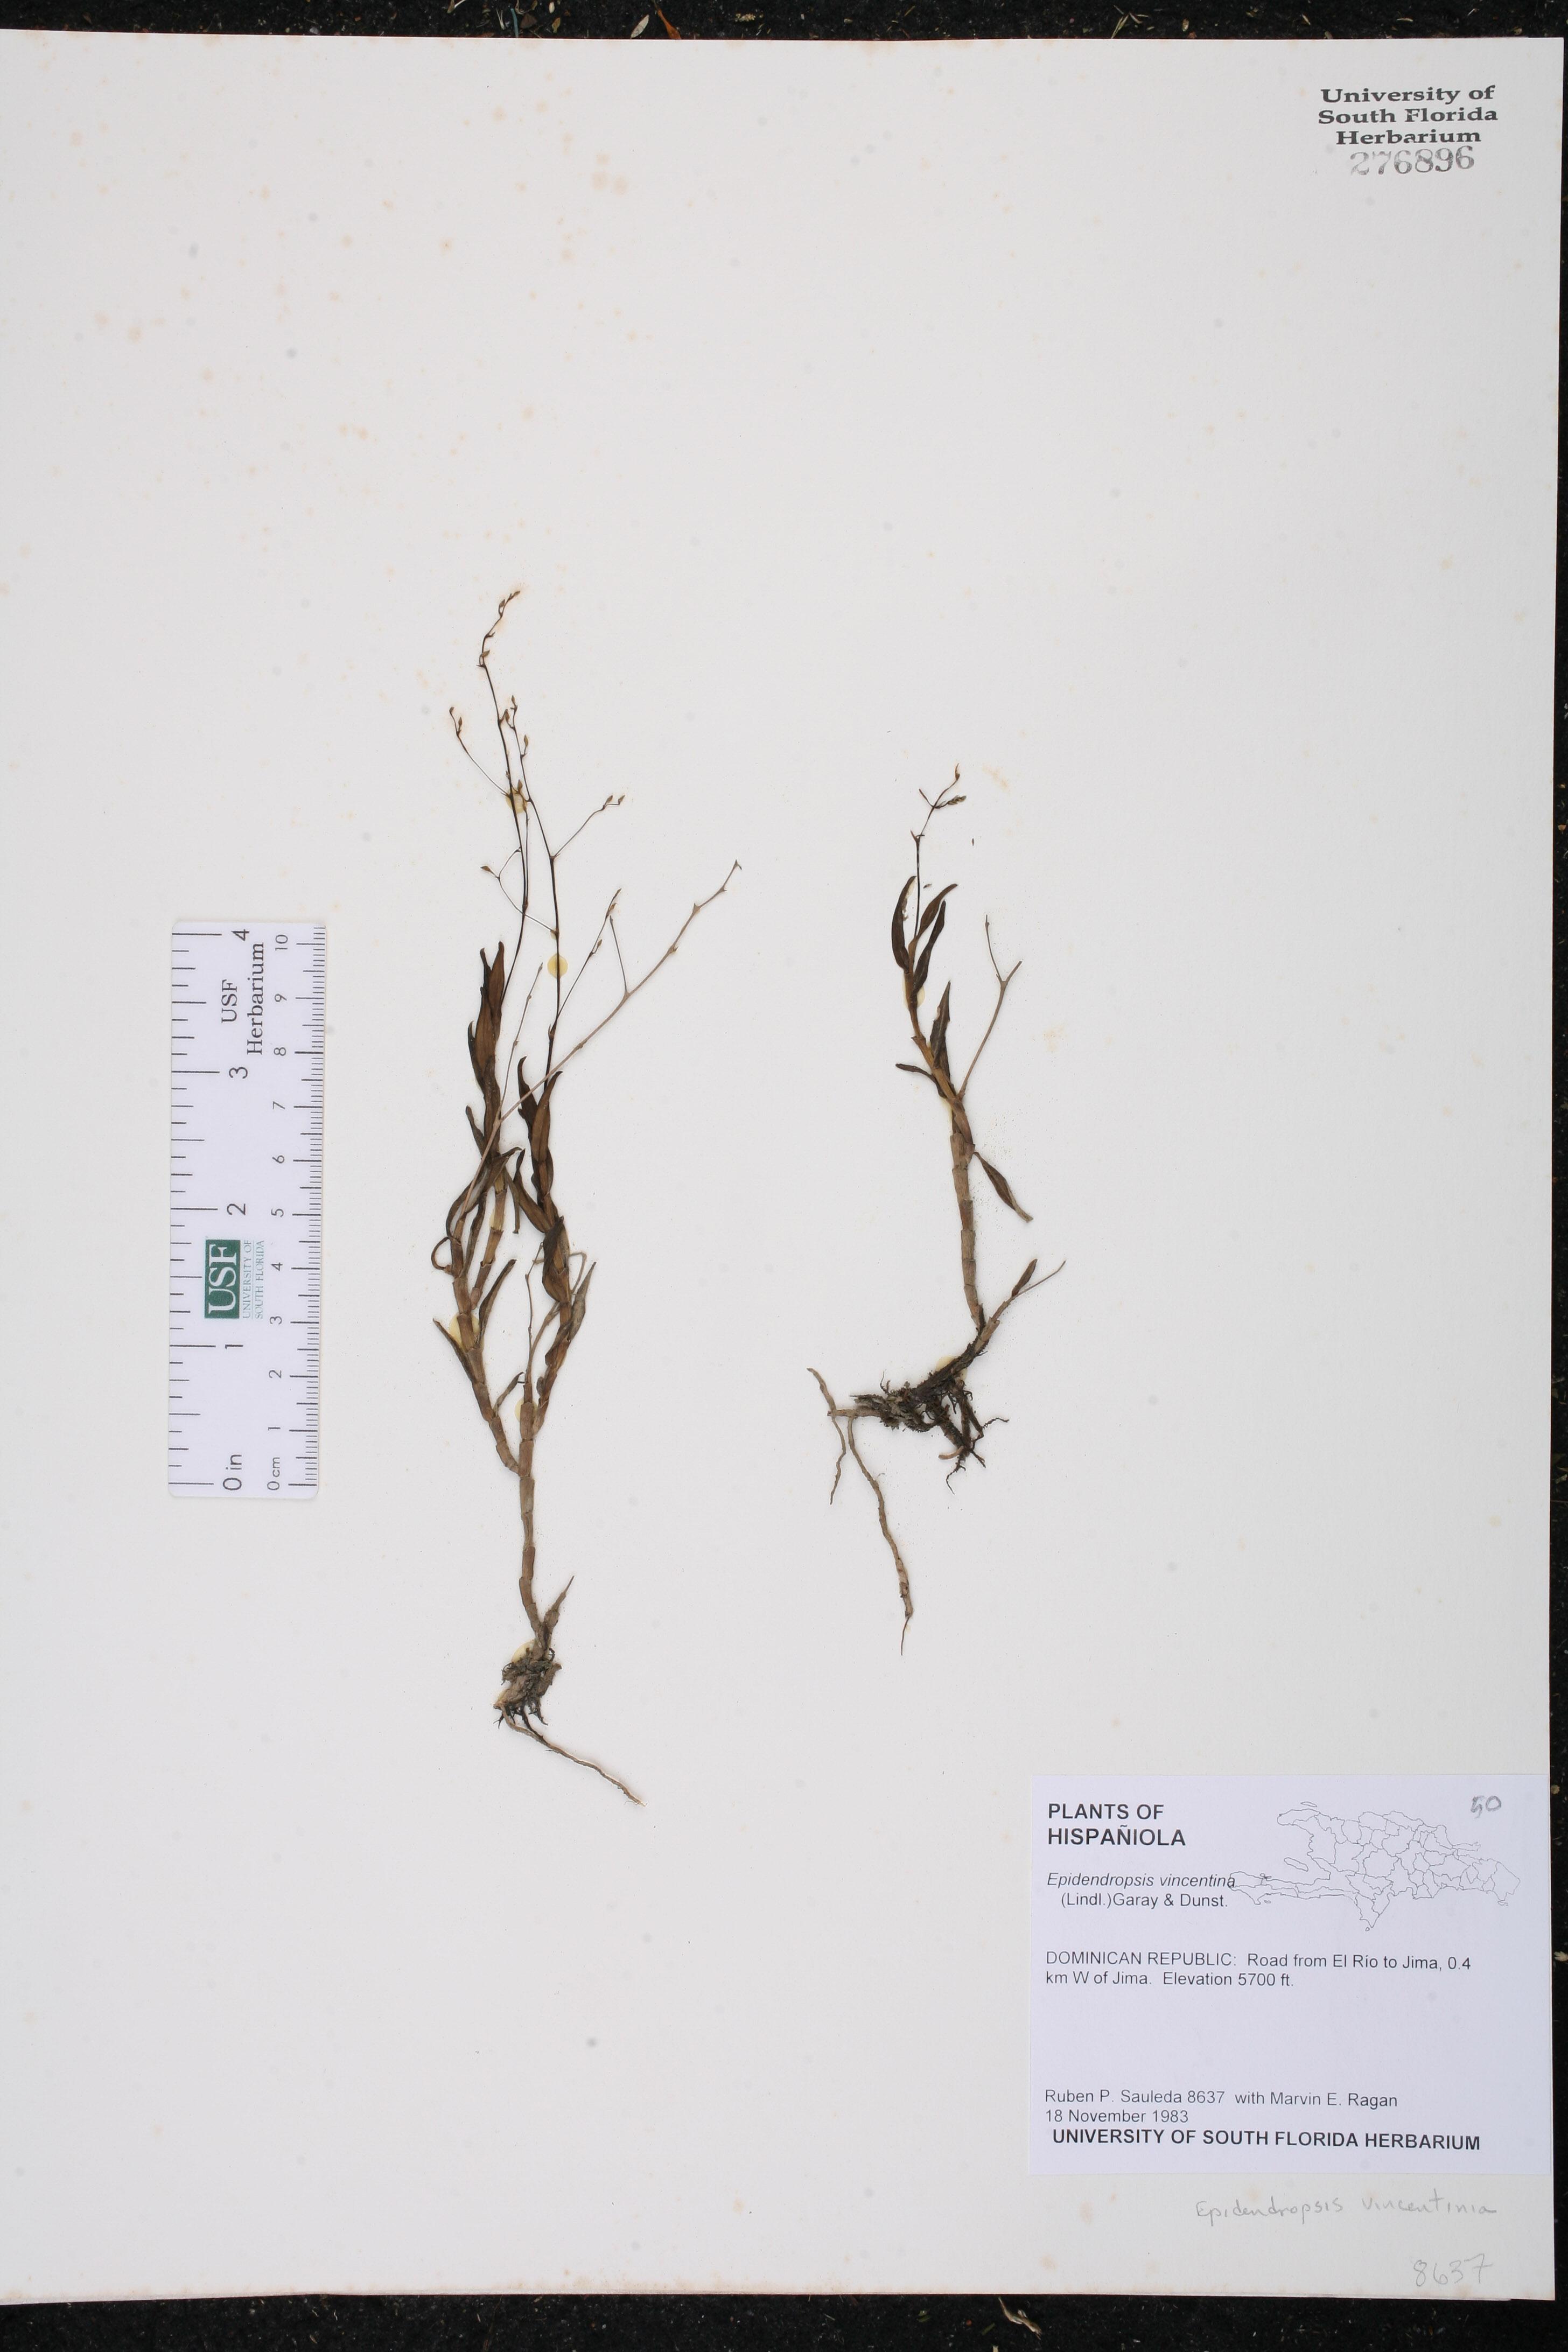 Epidendrum vincentinum image